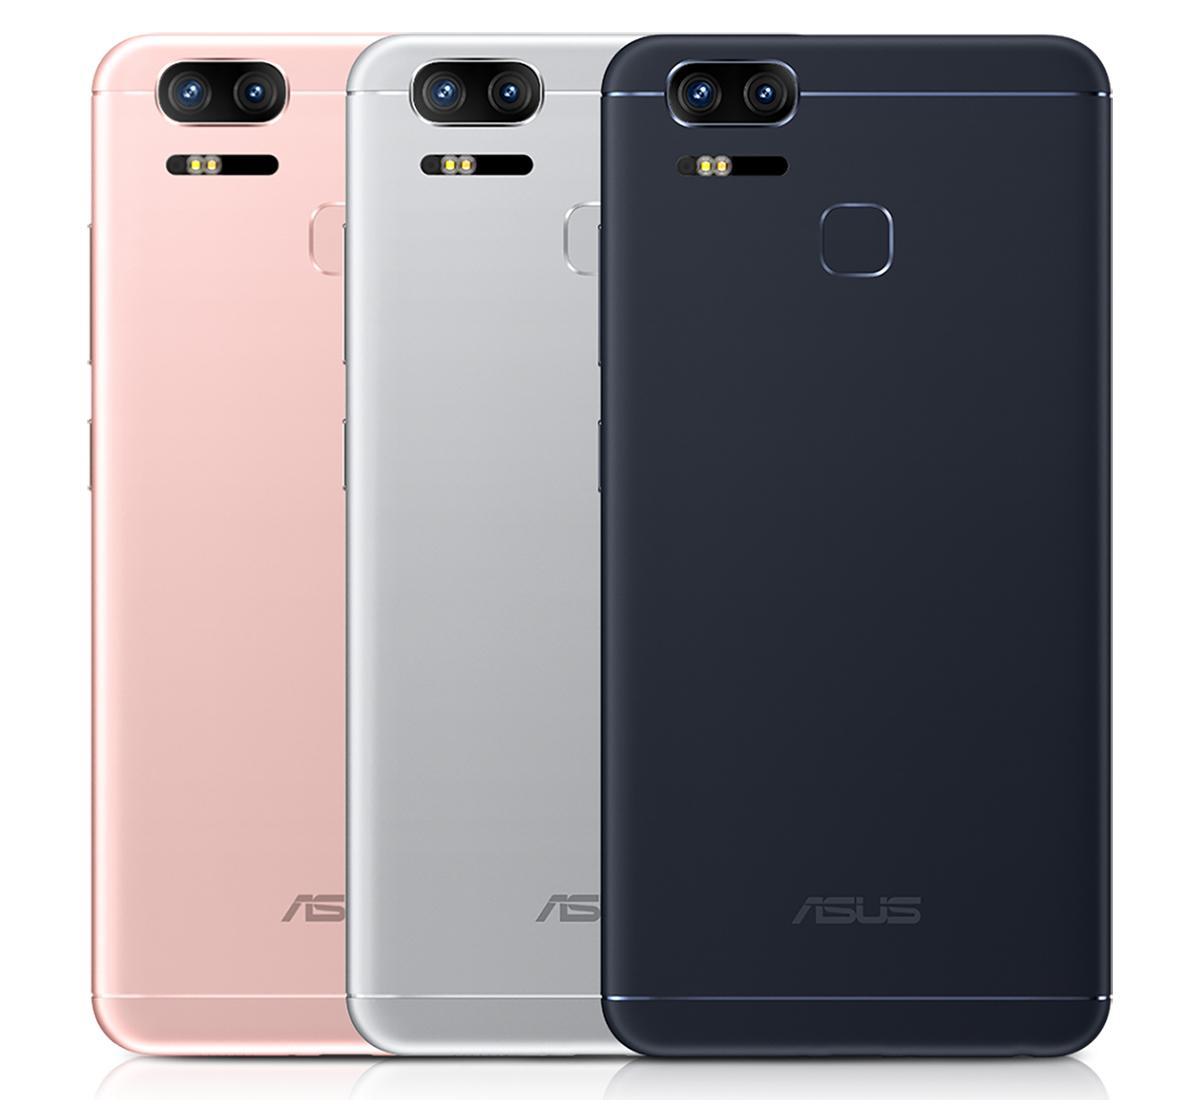 Review Asus Zenfone 4 Max Smartphone Harga Terjangkau dengan Dual Kamera